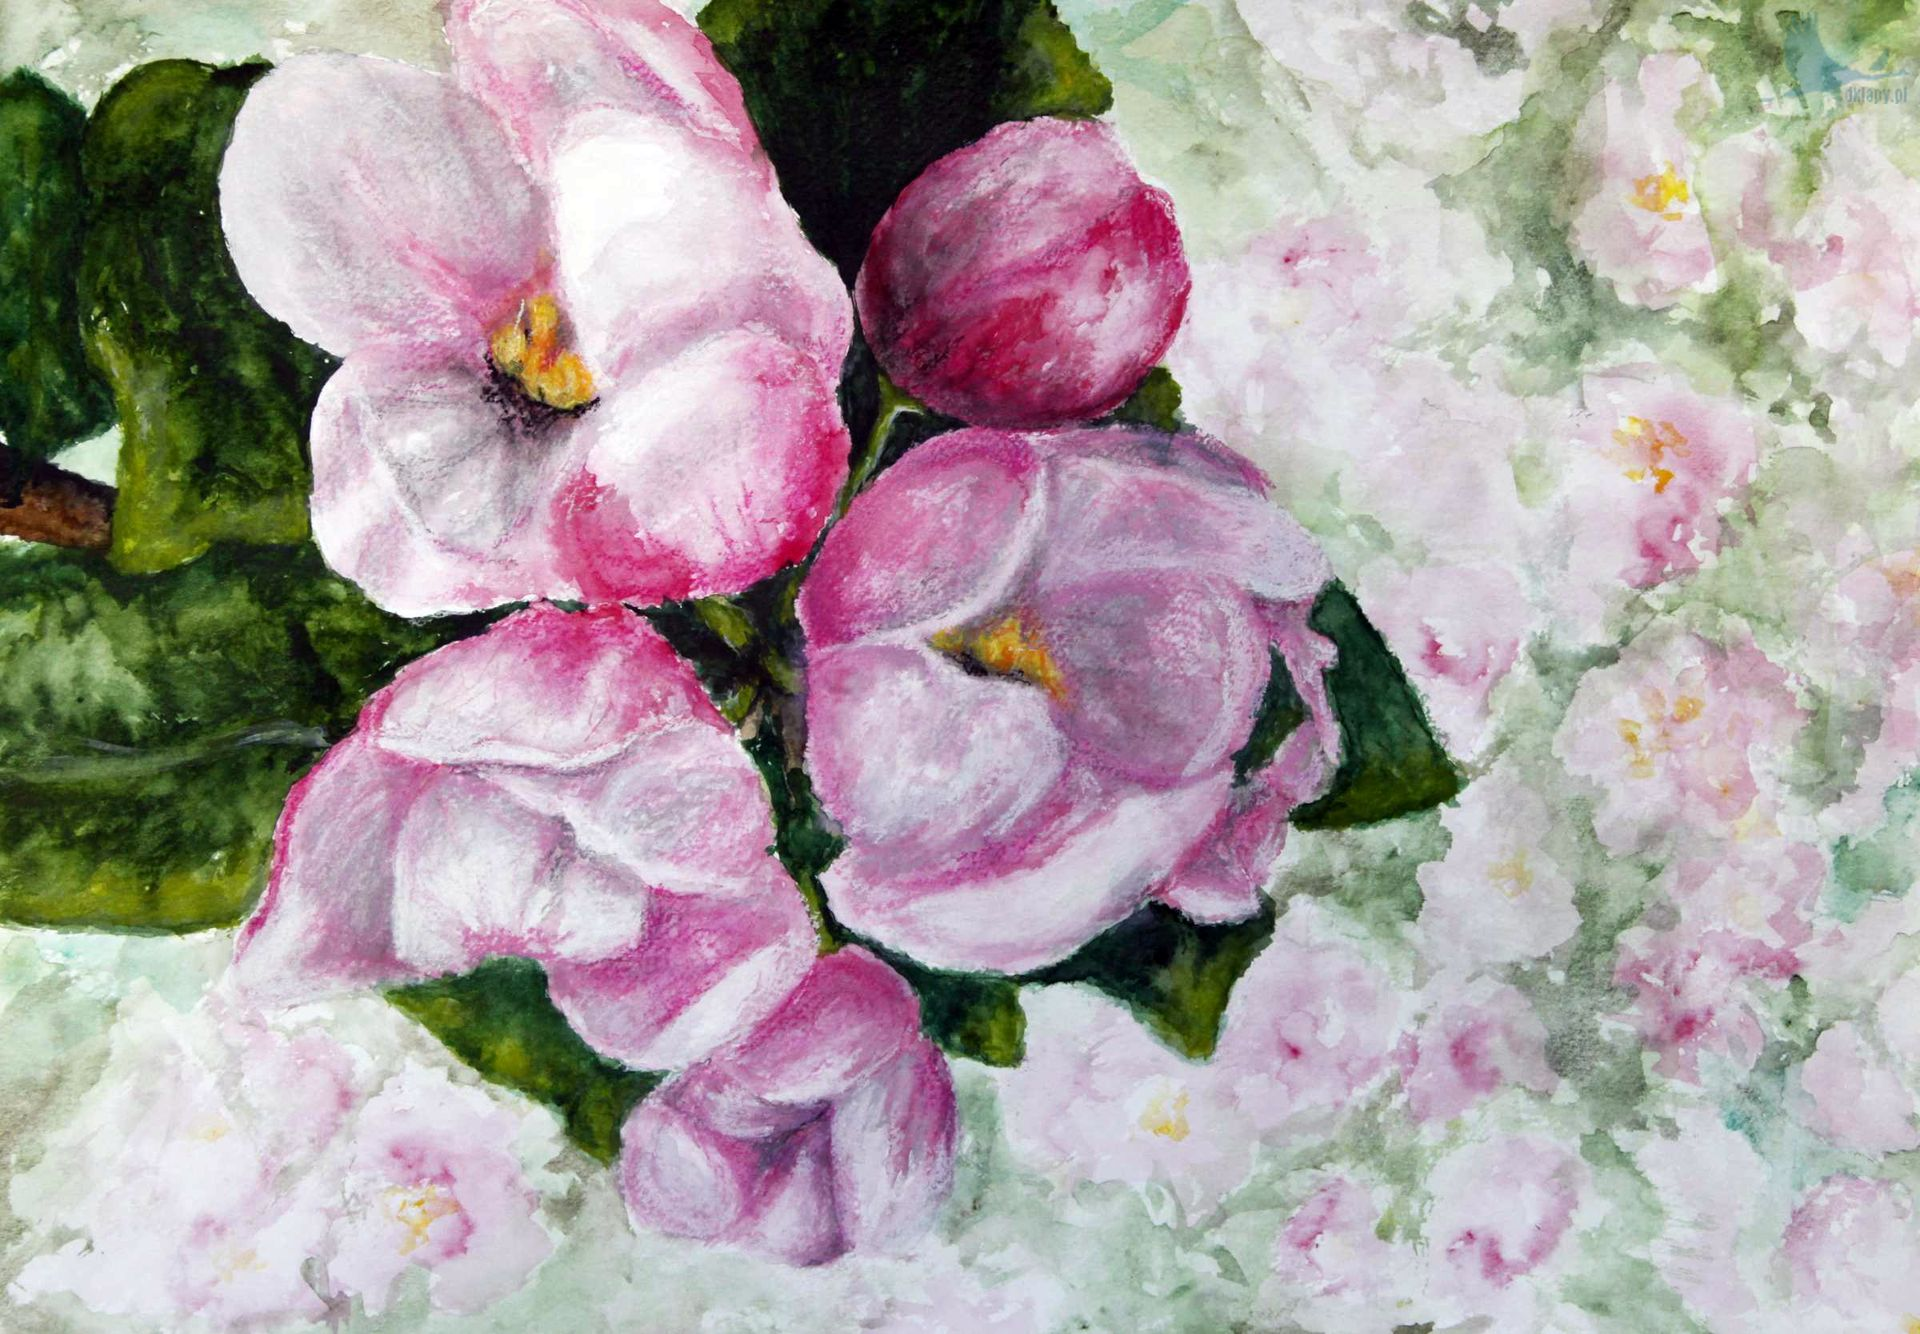 Kwiat dziełem doskonałym. Praca konkursowa